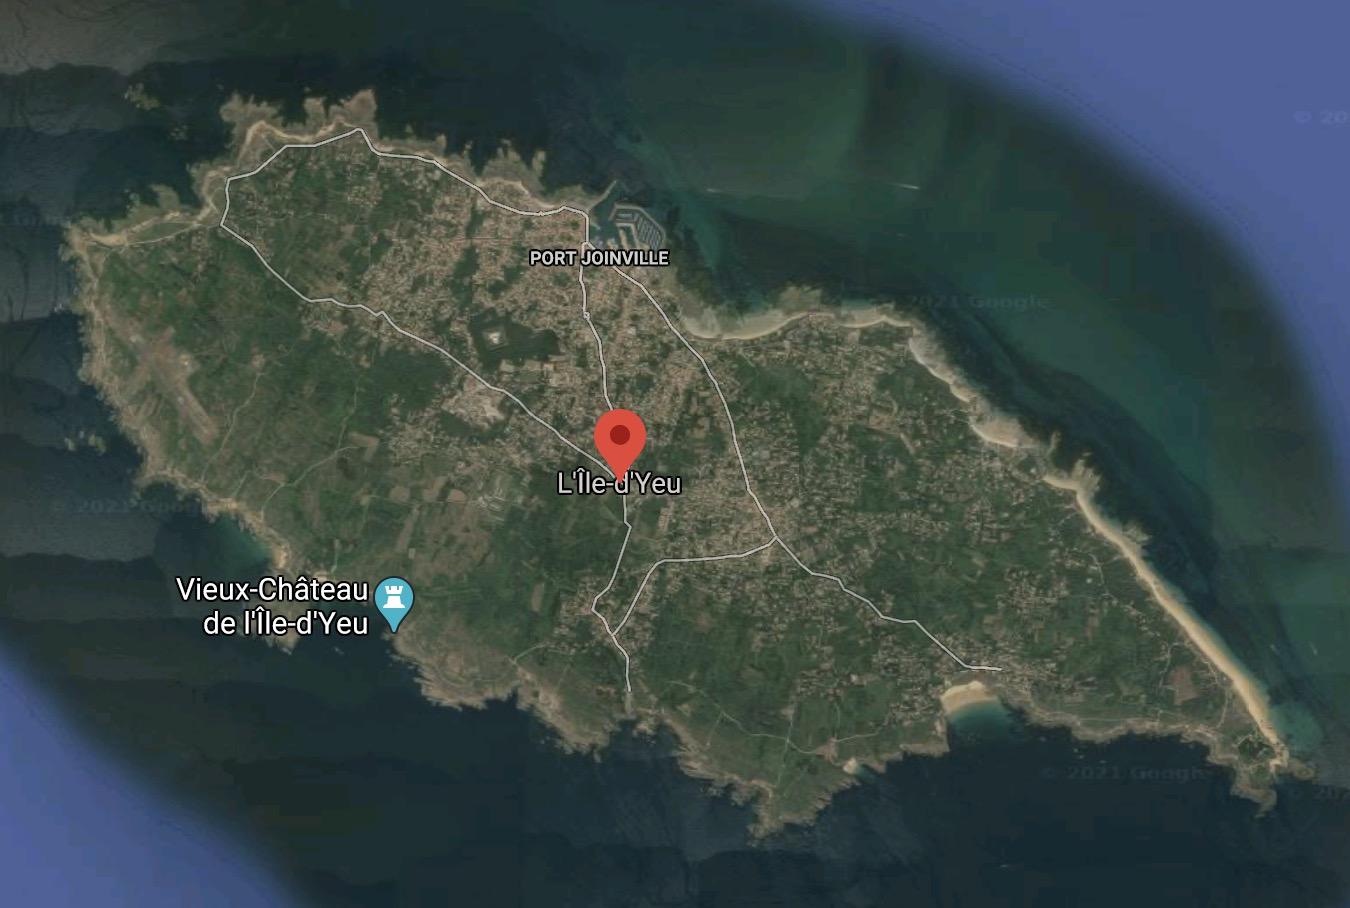 Réflexions juridiques sur une annexe royale à l'île d'Yeu